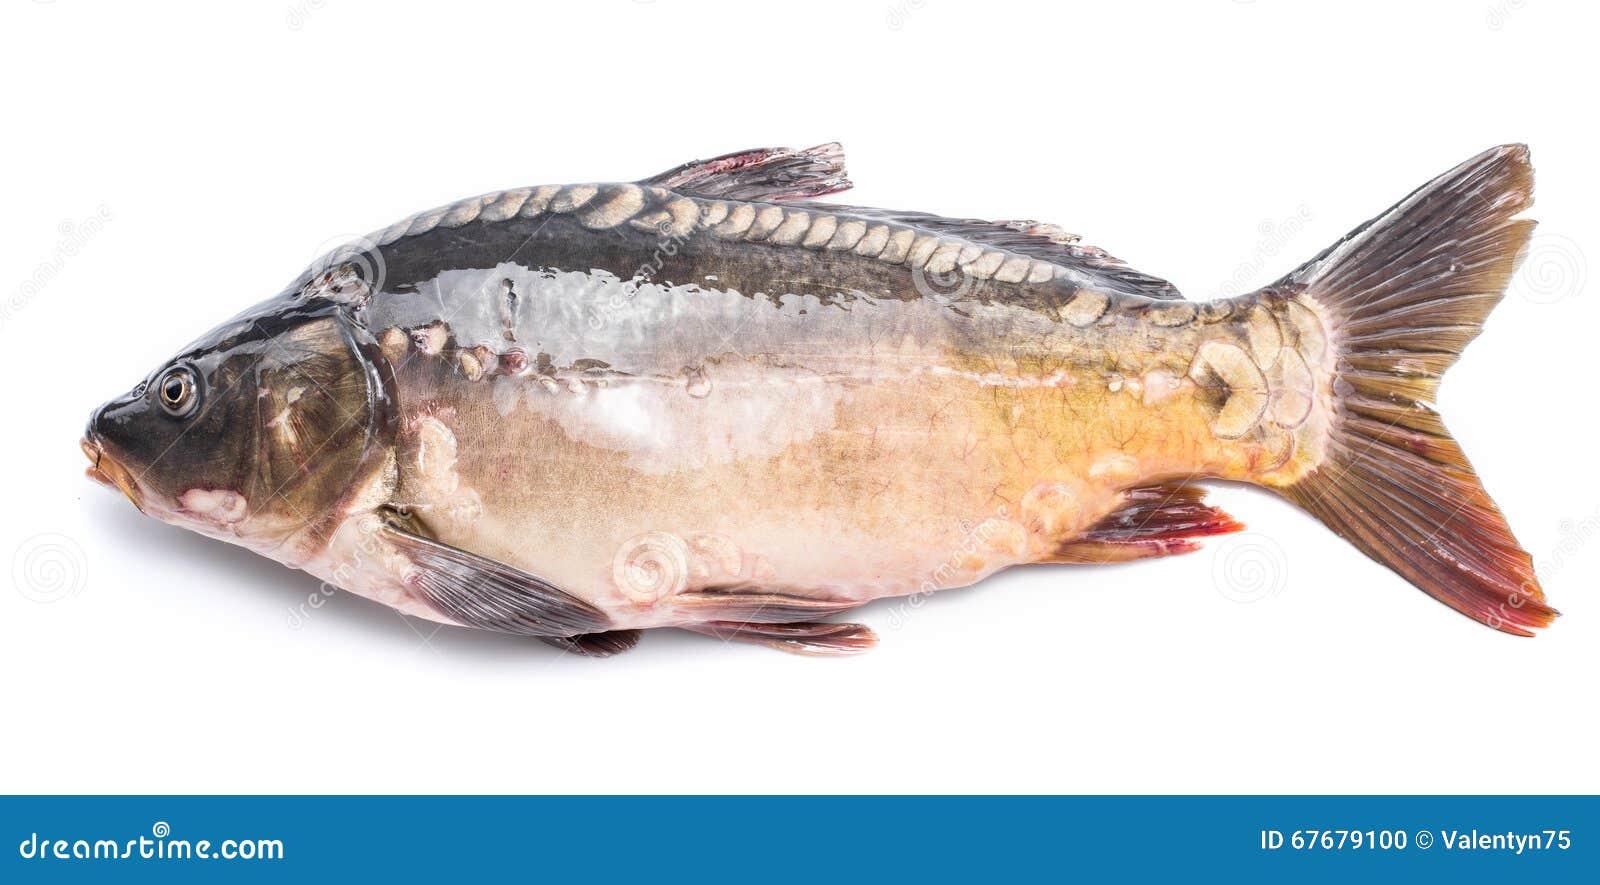 共同的鲤鱼-在白色背景隔绝的食用鱼.